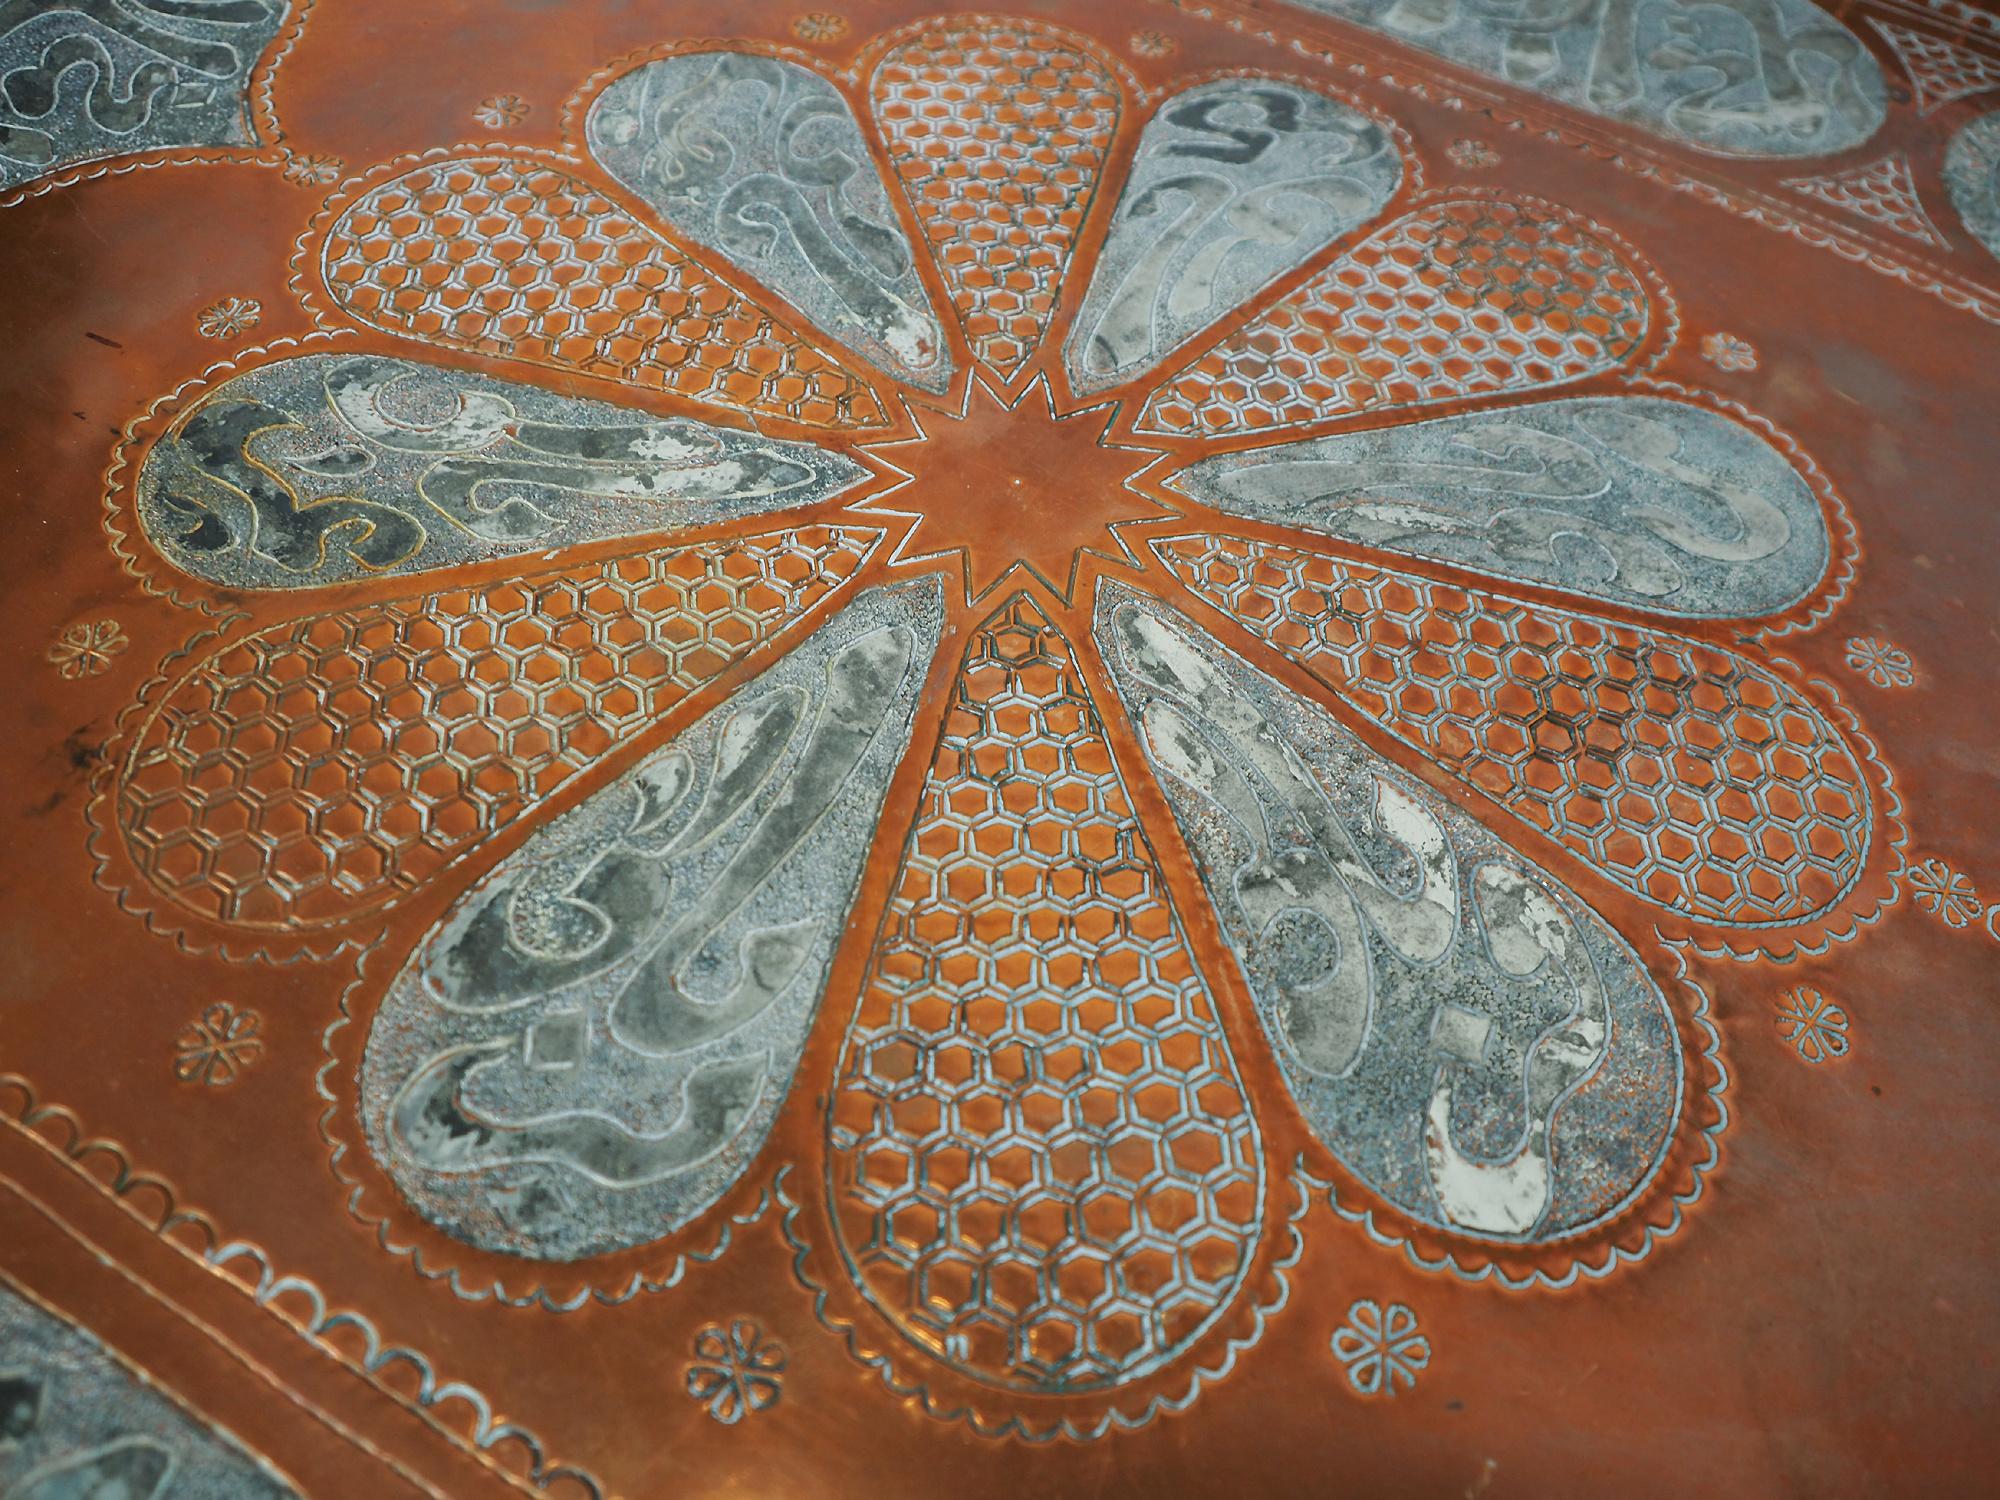 110 cm antik osmanisch ägyptisch marokkanisch orient Kupfer tablett Teetisch Teller beisteltisch Afghanistan syrien arabische kalligraphie oval